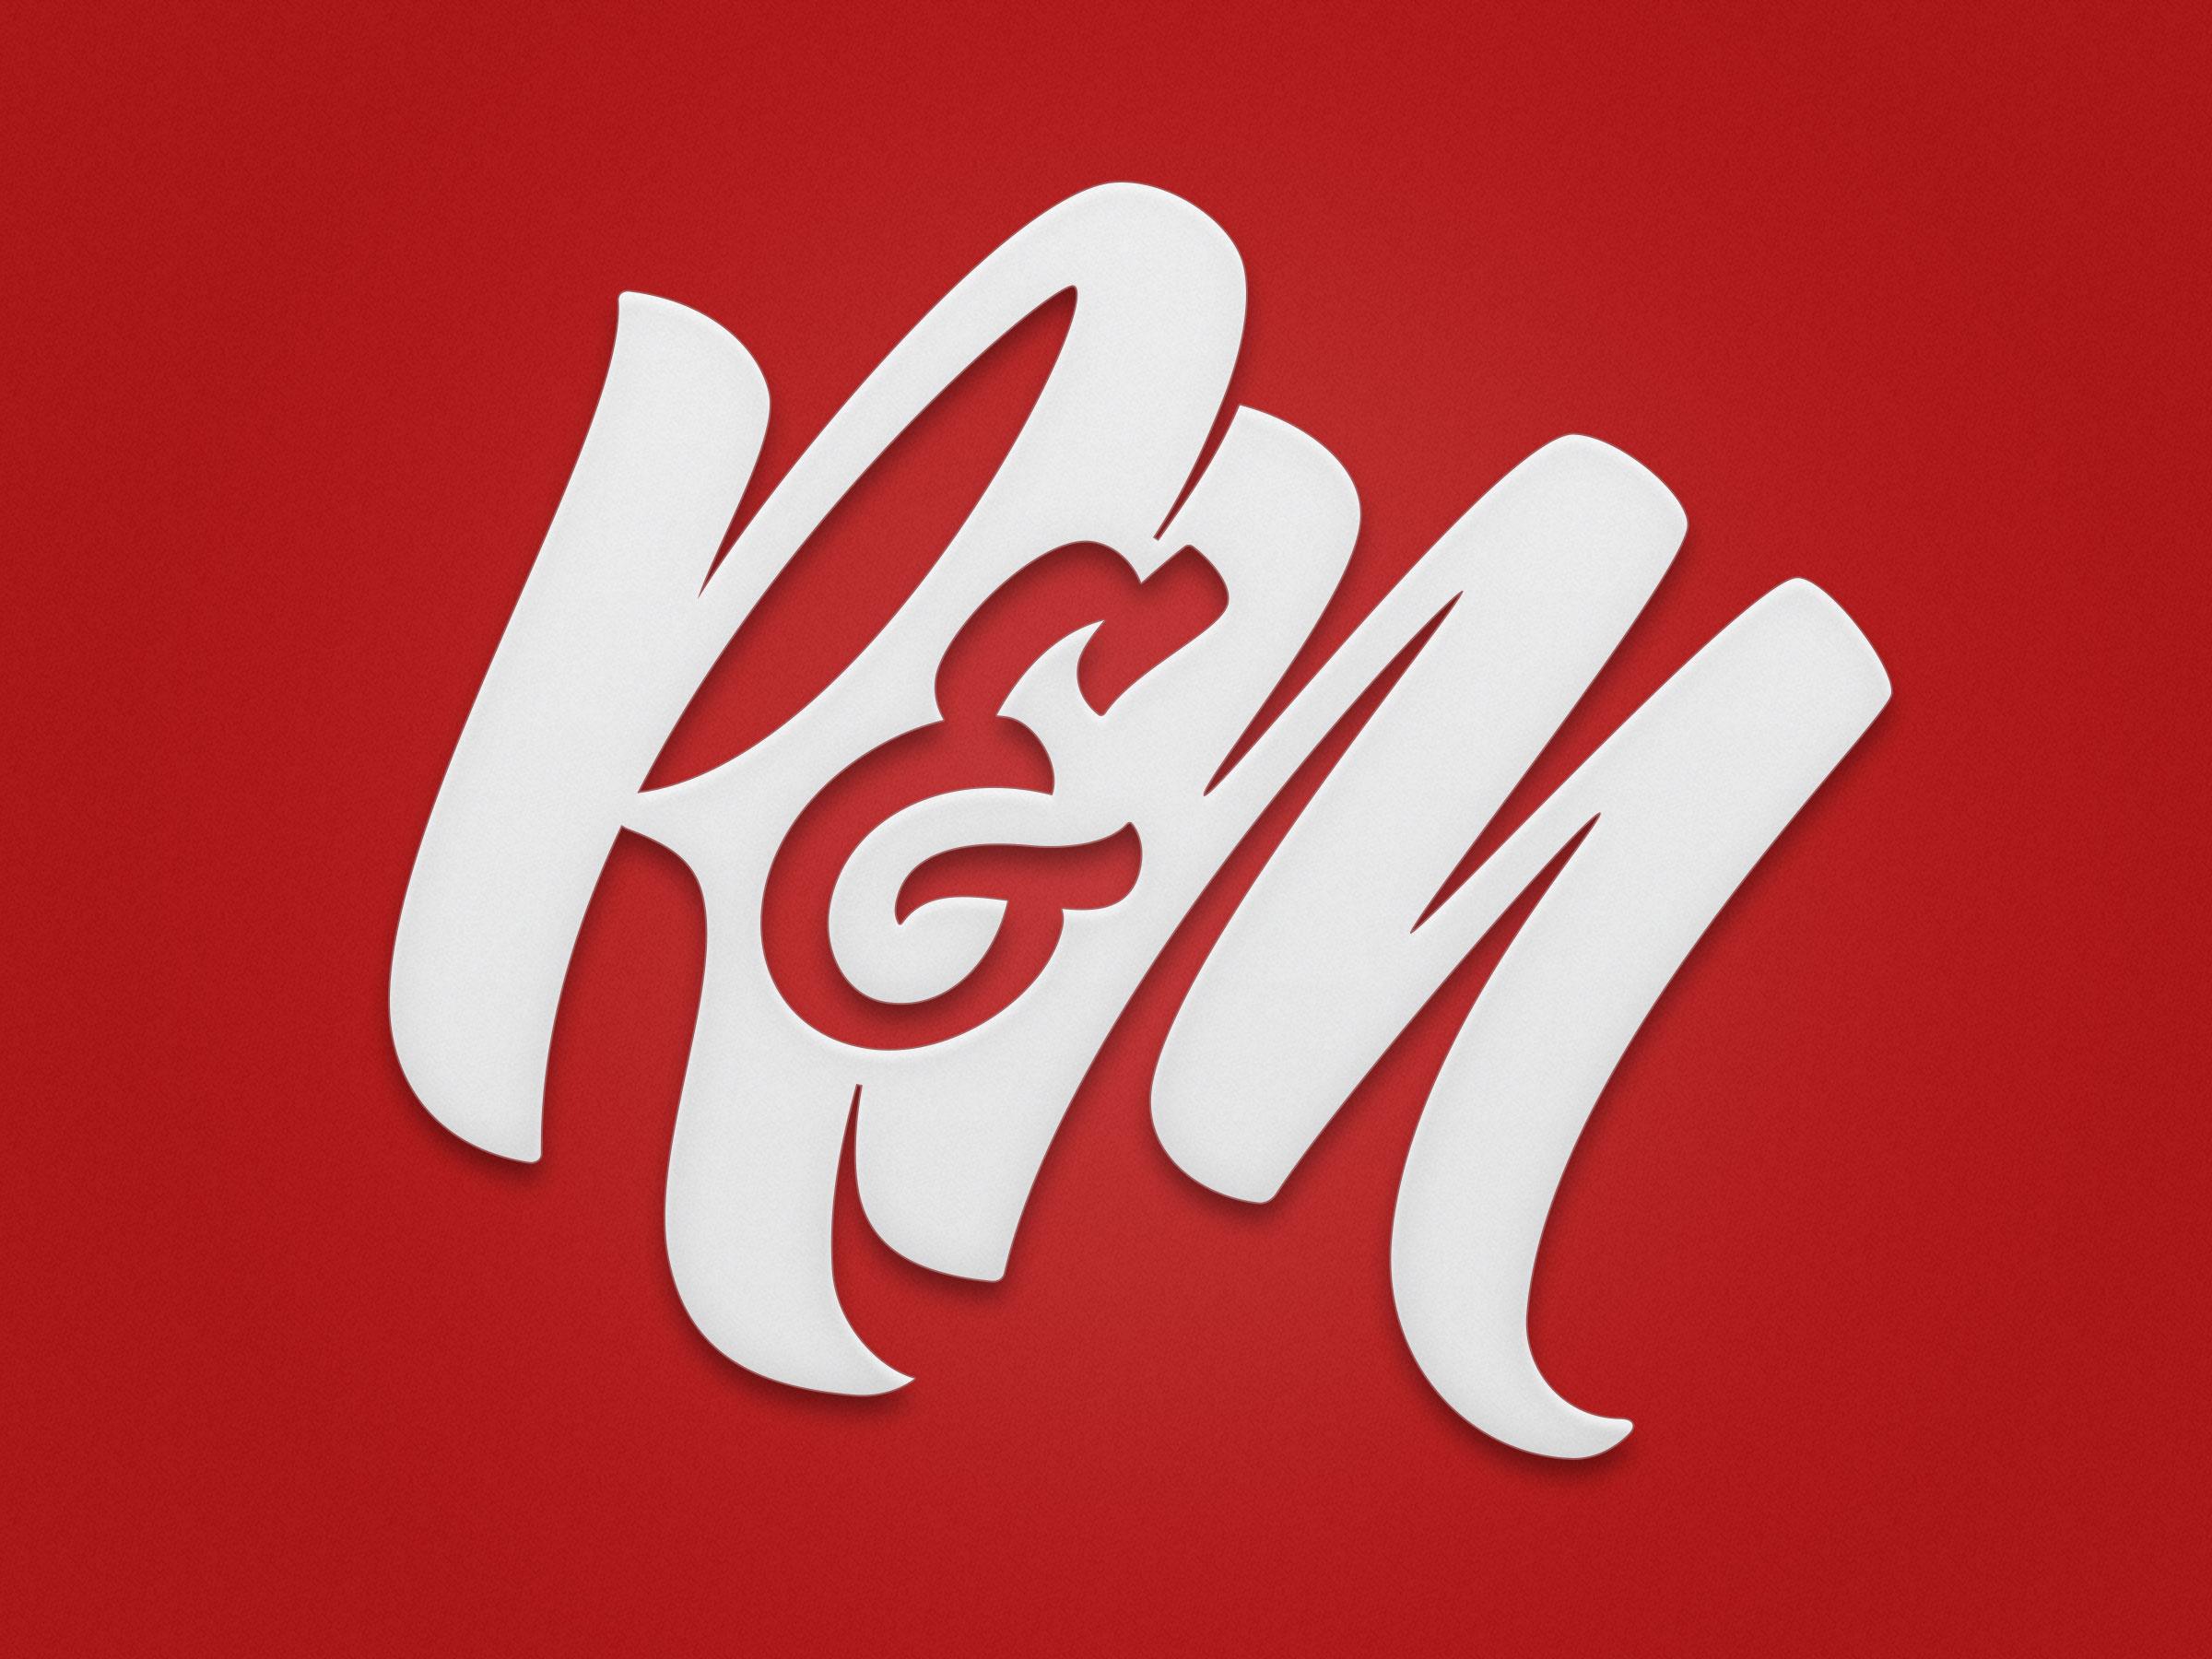 R m monogram